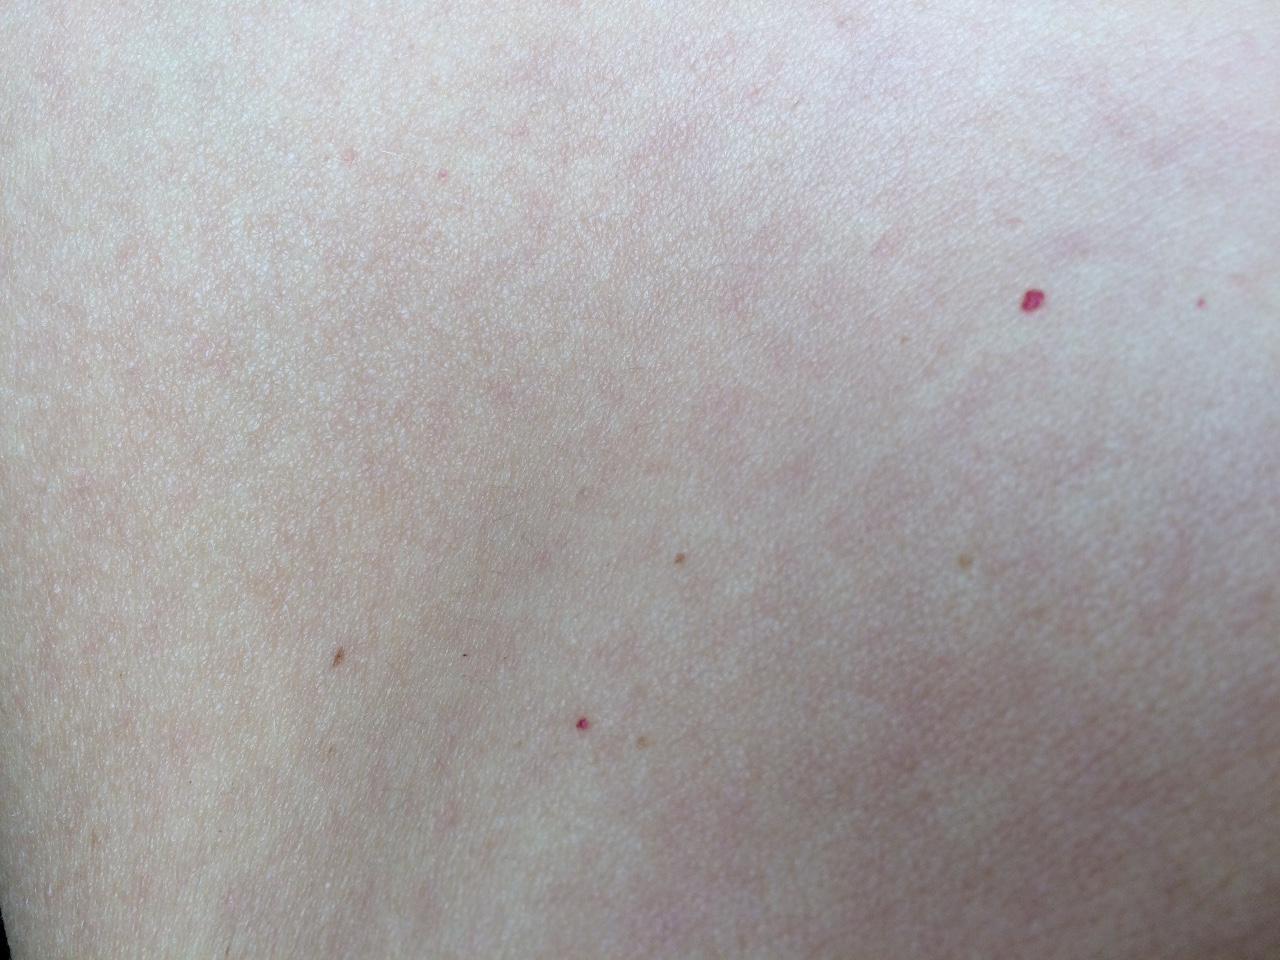 На теле появились красные пятна – что это может быть?